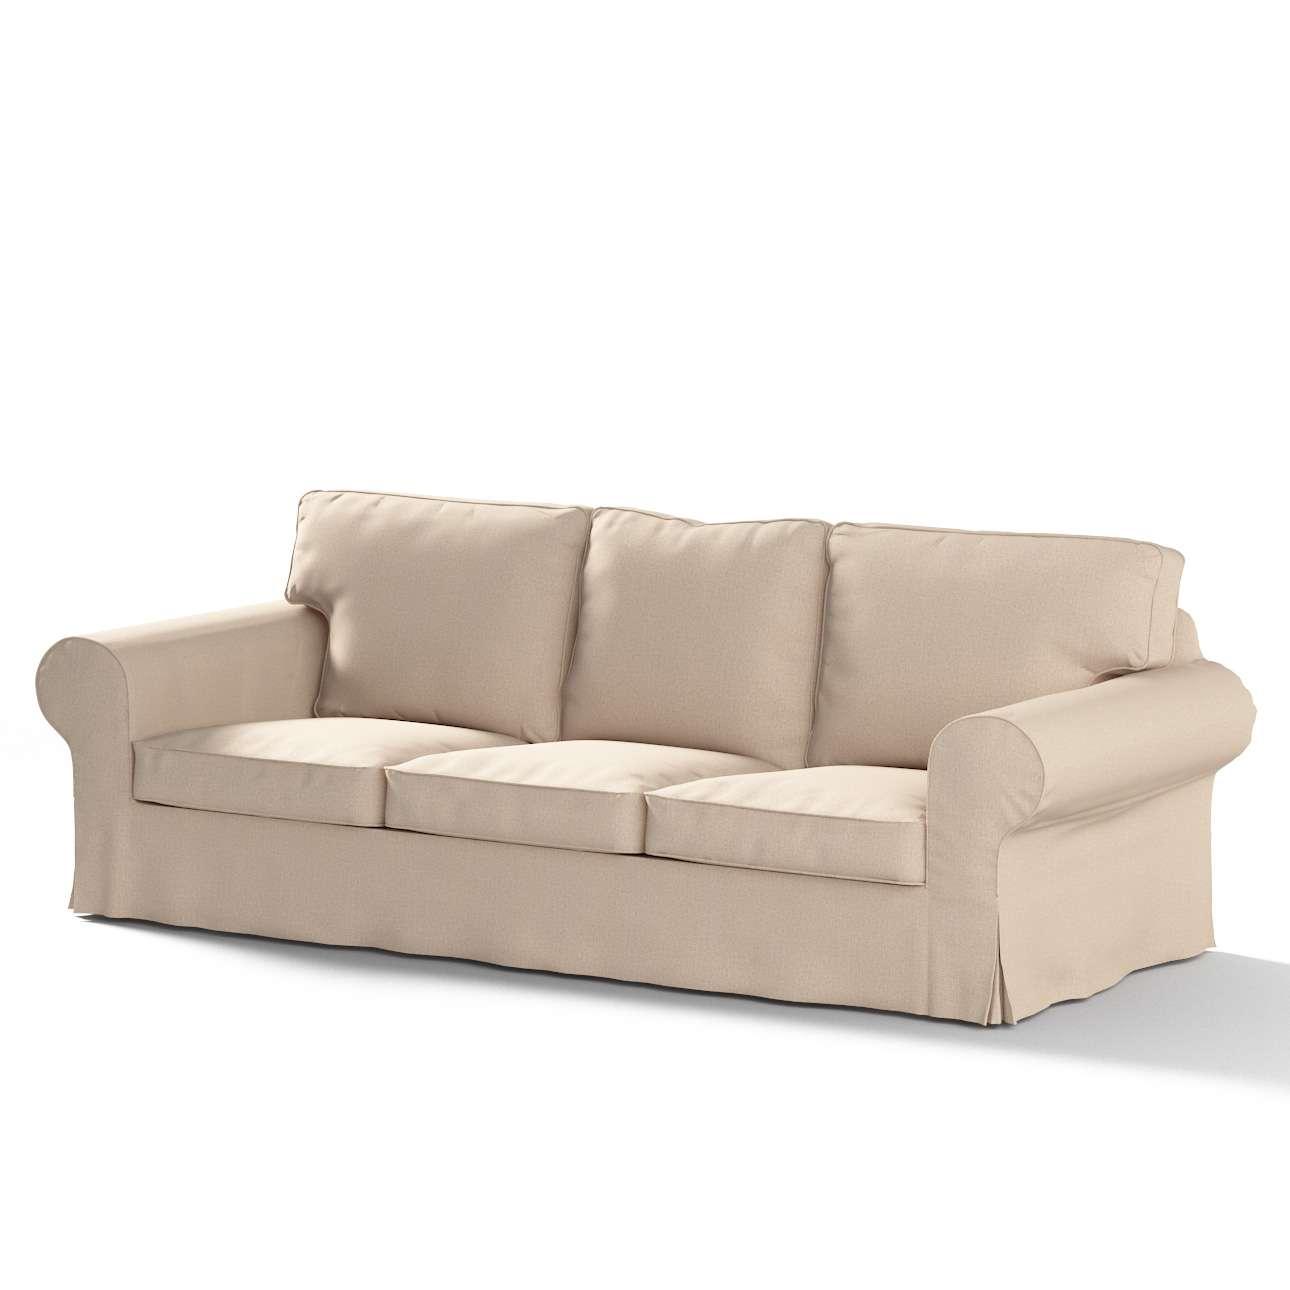 Ektorp trivietės sofos užvalkalas Ektorp trivietės sofos užvalkalas kolekcijoje Edinburgh , audinys: 115-78